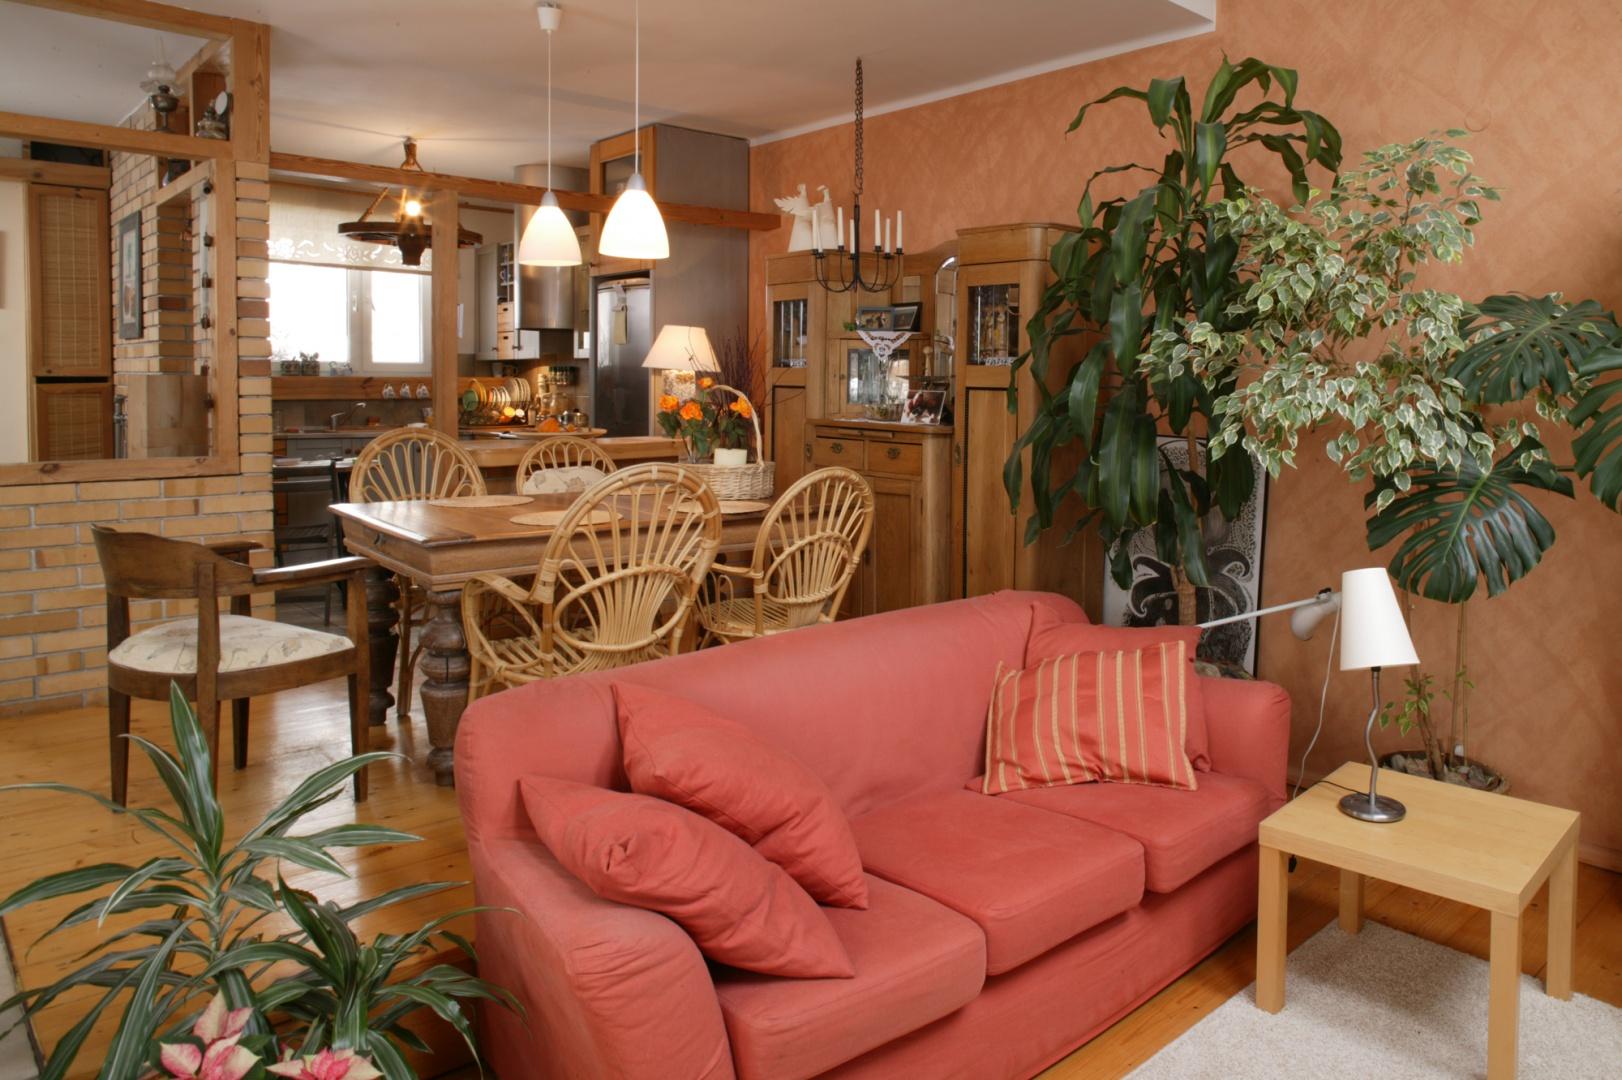 Salon i jadalnia zostały urządzone w ciepłych barwach. Ceglastym ścianom towarzyszy sofa z IKEI i naturalne barwy drewnianych dodatków. Fot. Monika Filipiuk.